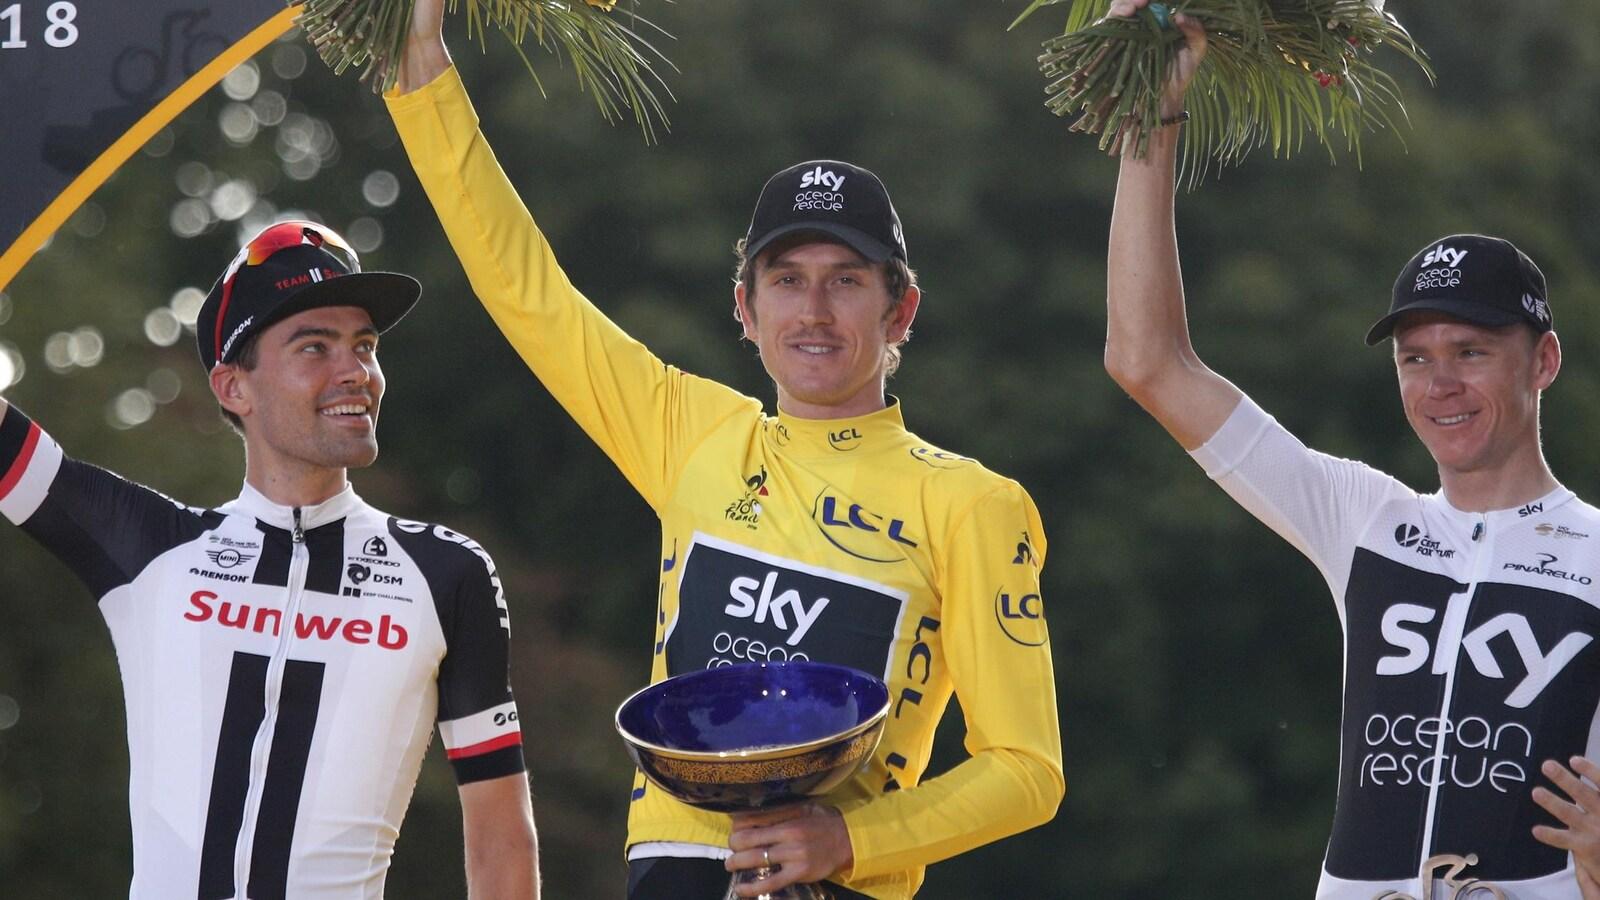 Il tient le trophée de la main gauche et des fleurs dans la droite.